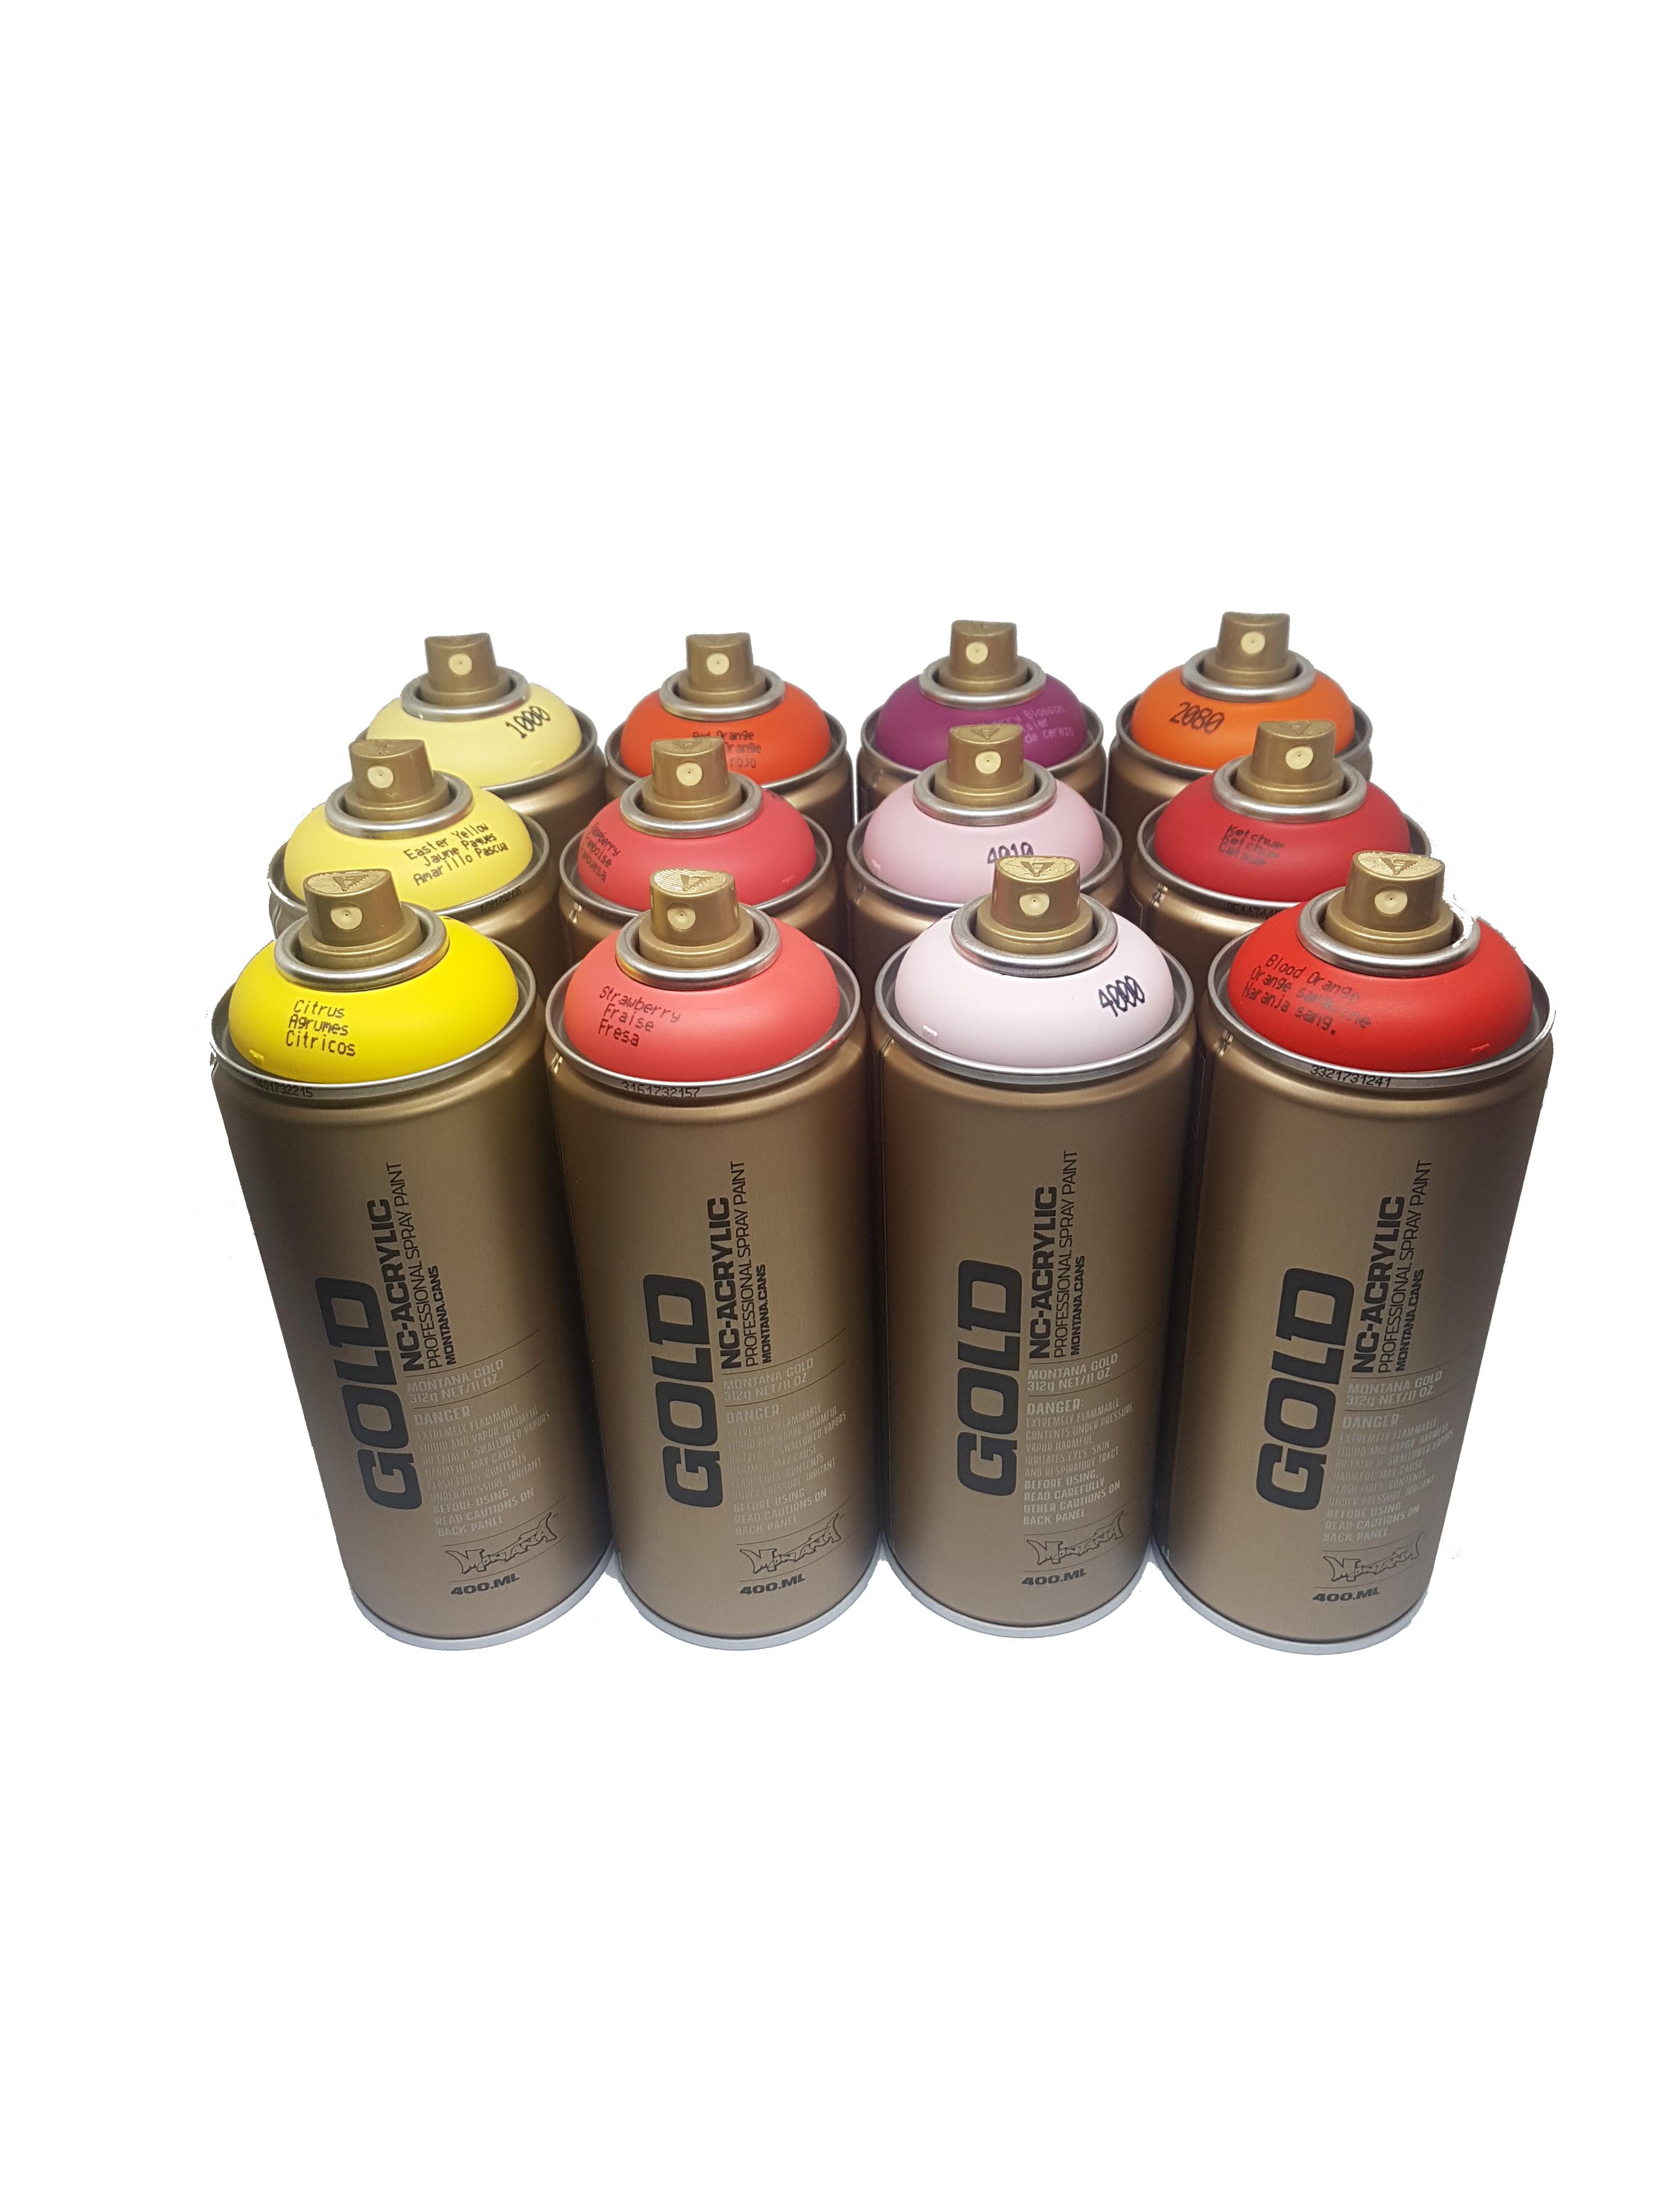 Bombe 94 Montana en ce qui concerne anden graffiti shop barcelona i colores spray rotuladores y galleria